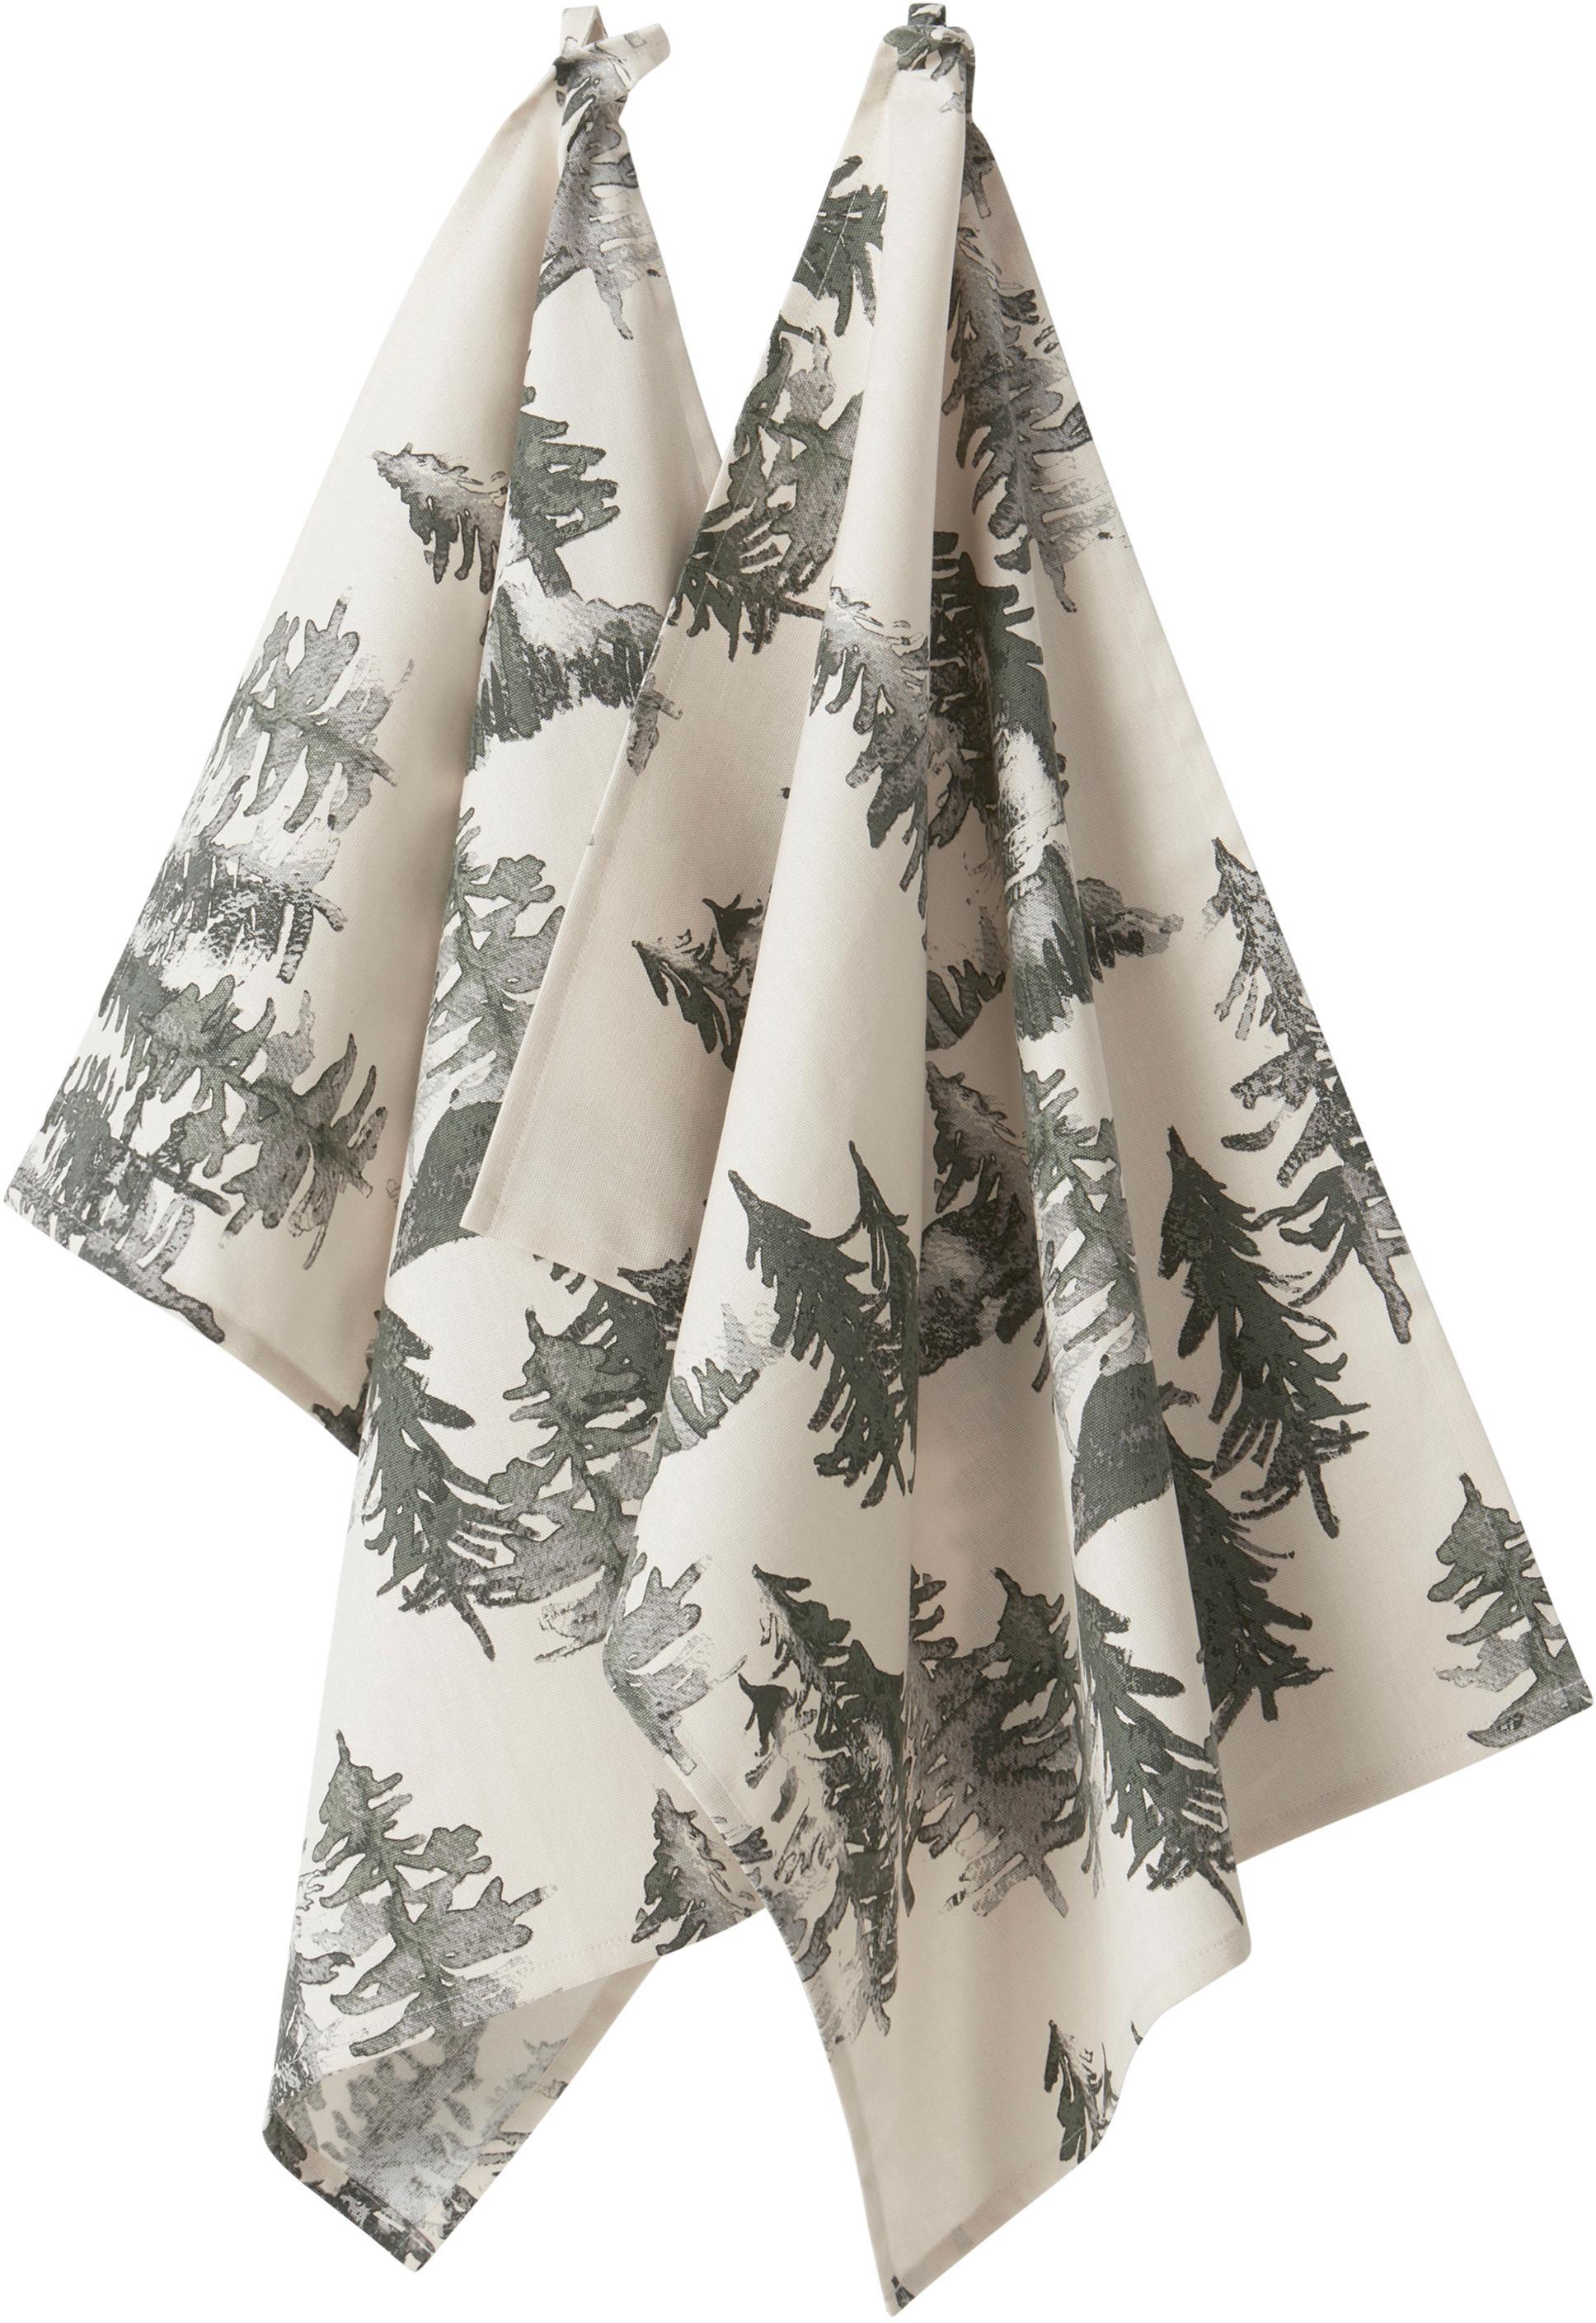 Theedoeken Forrest, 2 stuks, 100% katoen, afkomstig van duurzame katoenteelt, Crèmekleurig, groen- en grijstinten, 50 x 70 cm